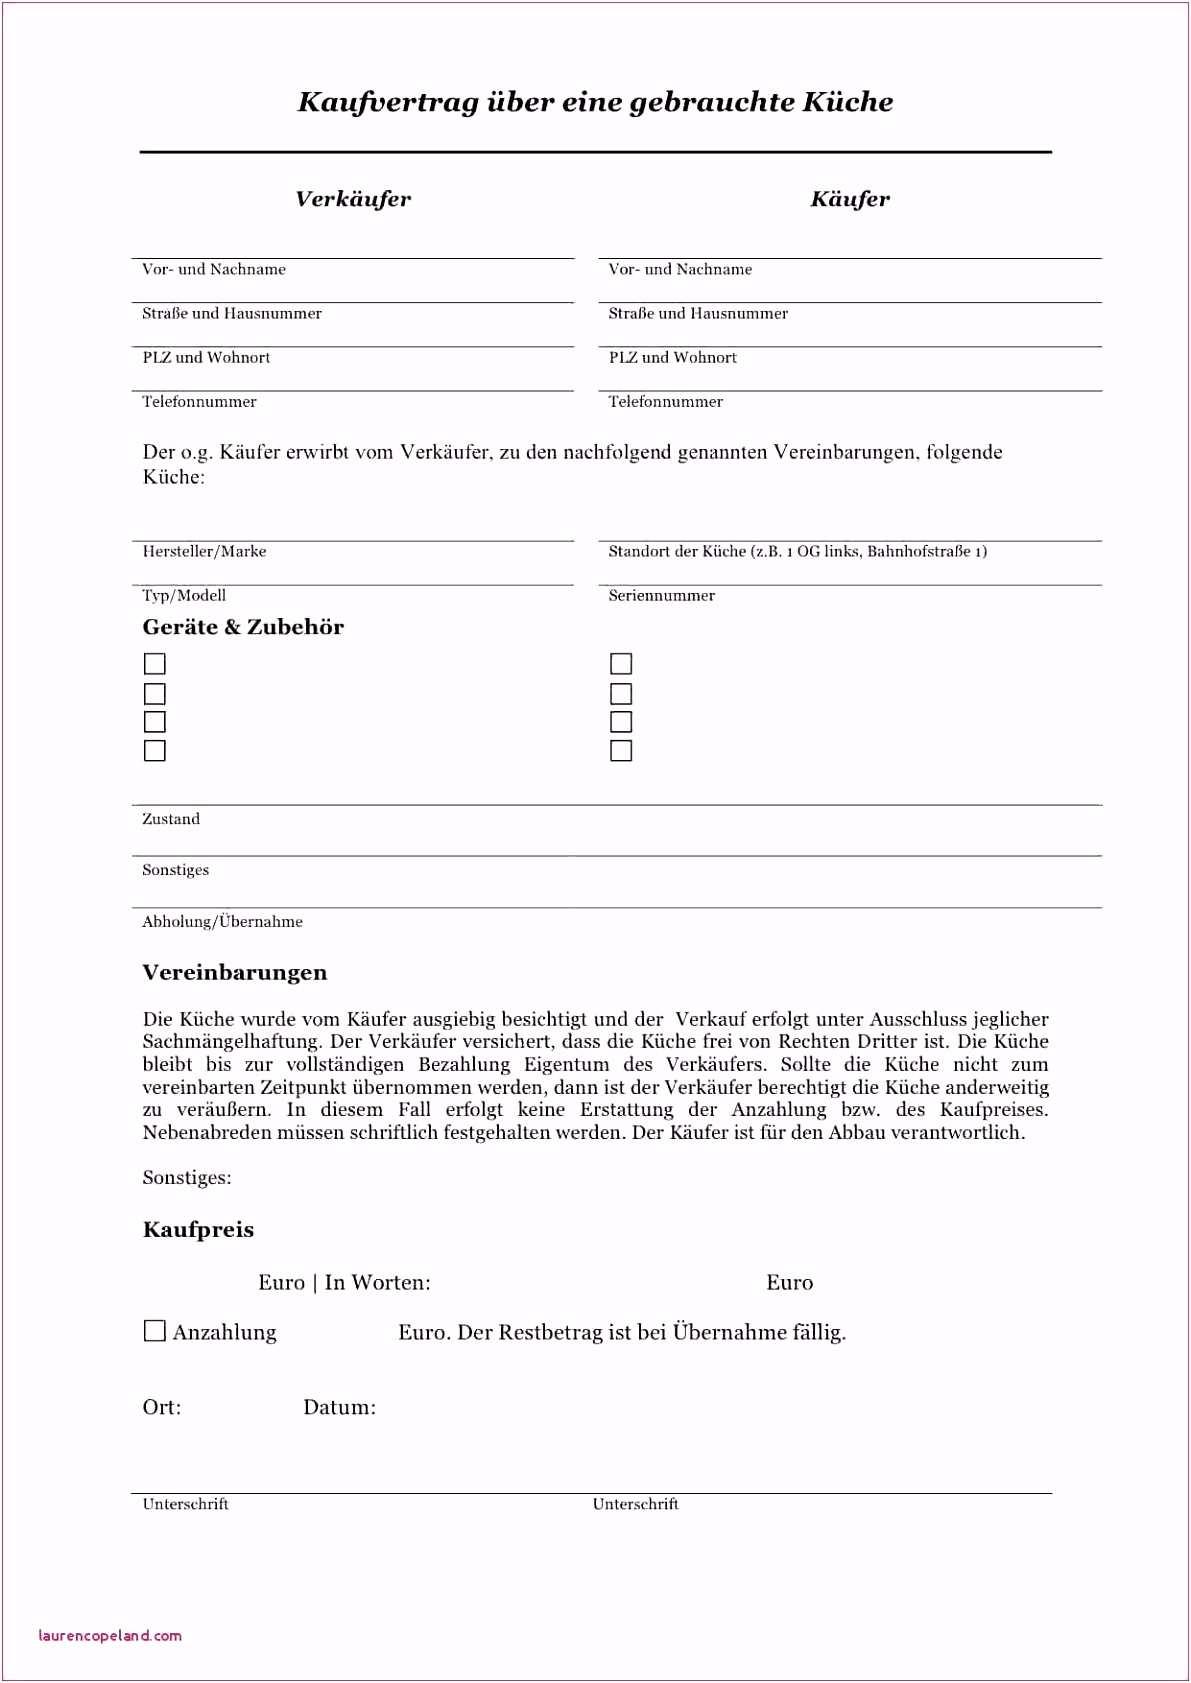 Kaufvertrag Privat Kuche Pdf 6 Adac Kundigen Vorlage Pdf Meltemplates Meltemplates